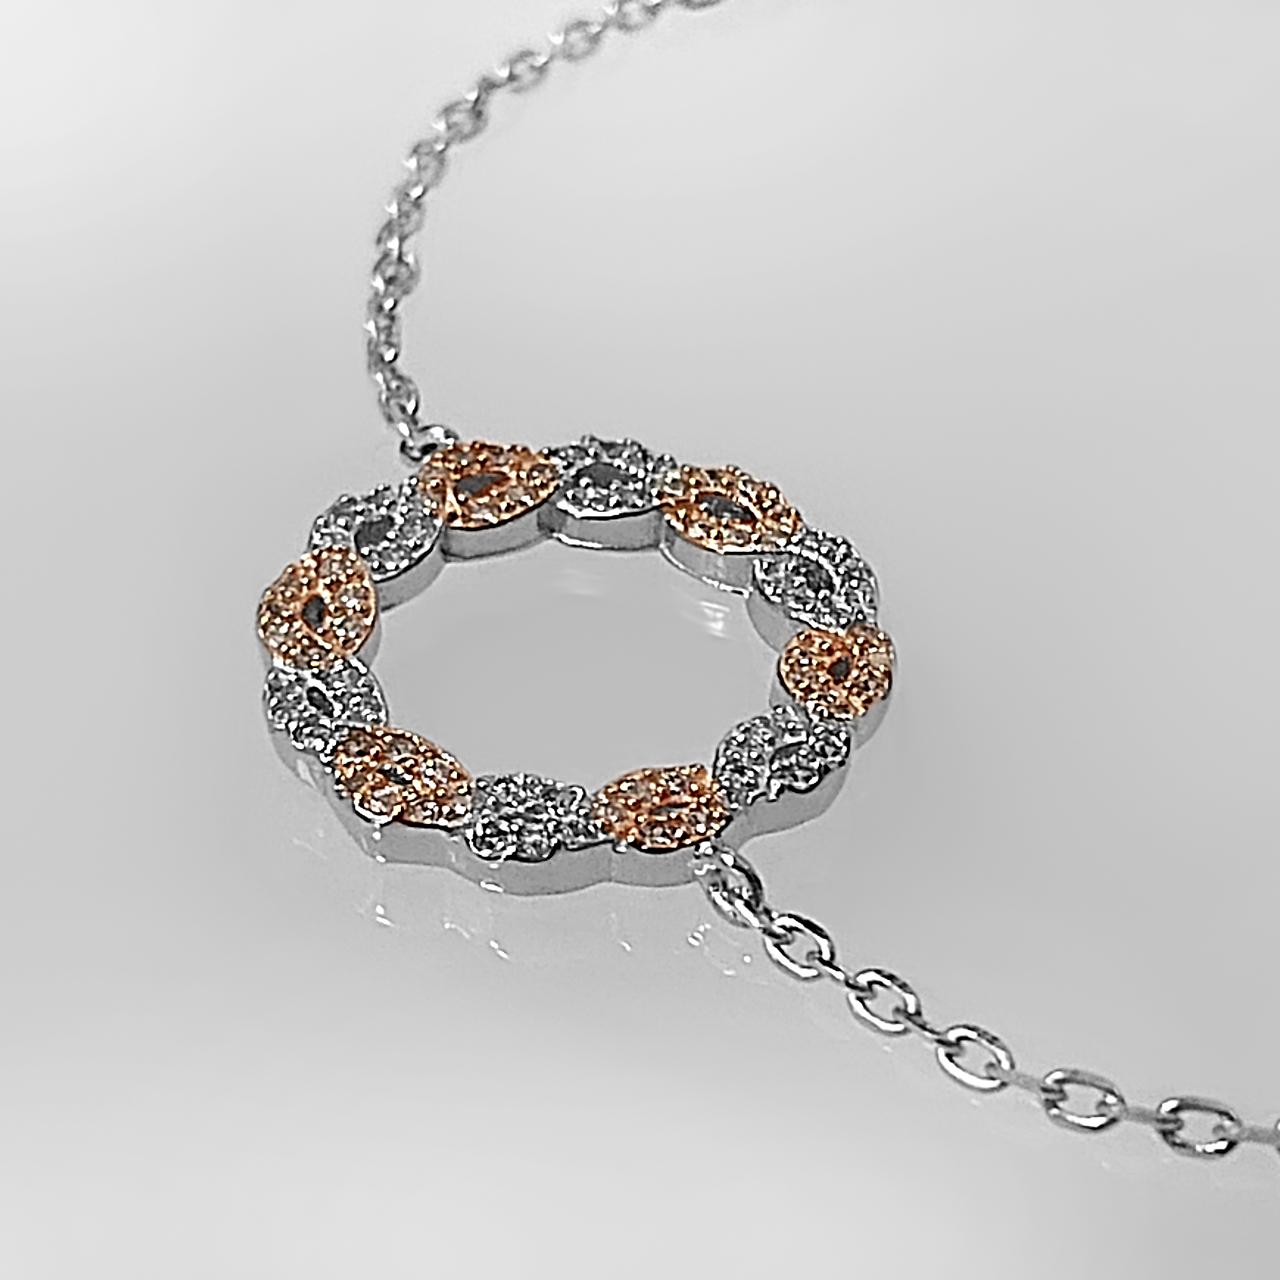 دستبند نقره زنانه اقلیمه کد DN439 -  - 7